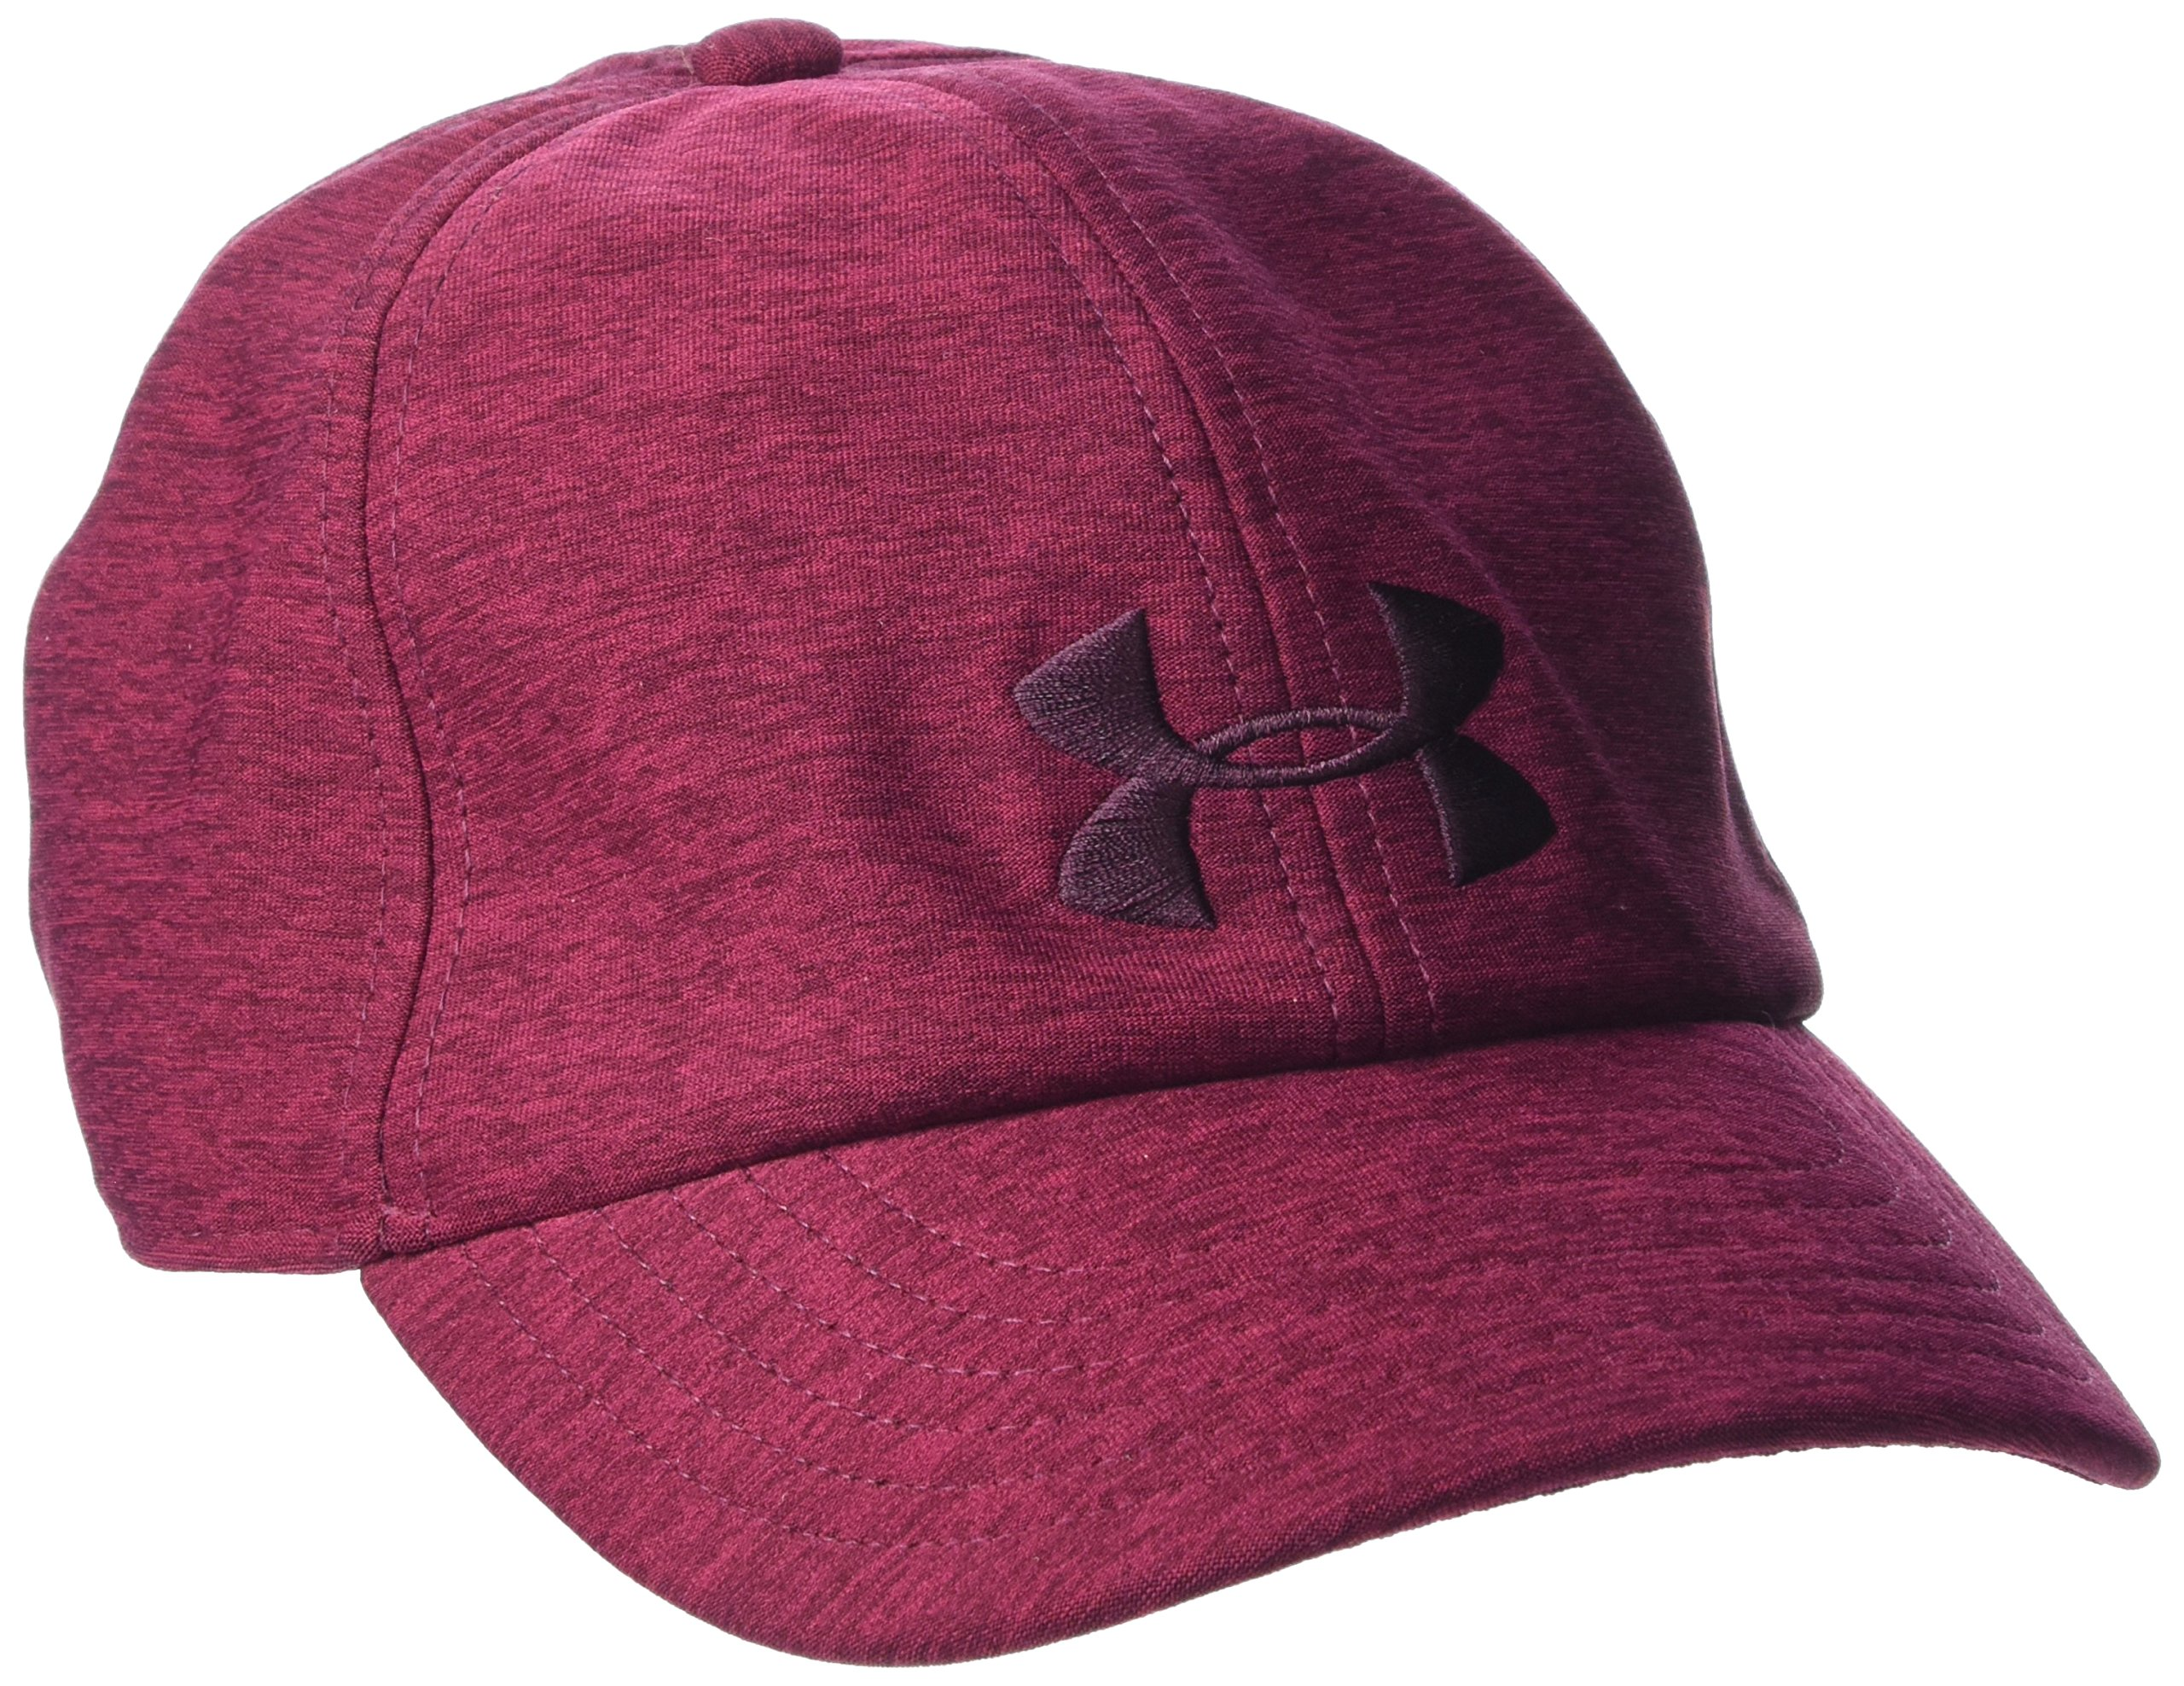 online retailer c6da9 a6561 Details about Under Armour Women s UA Renegade Twist Cap Raisin  Red Marathon Red Raisin Red